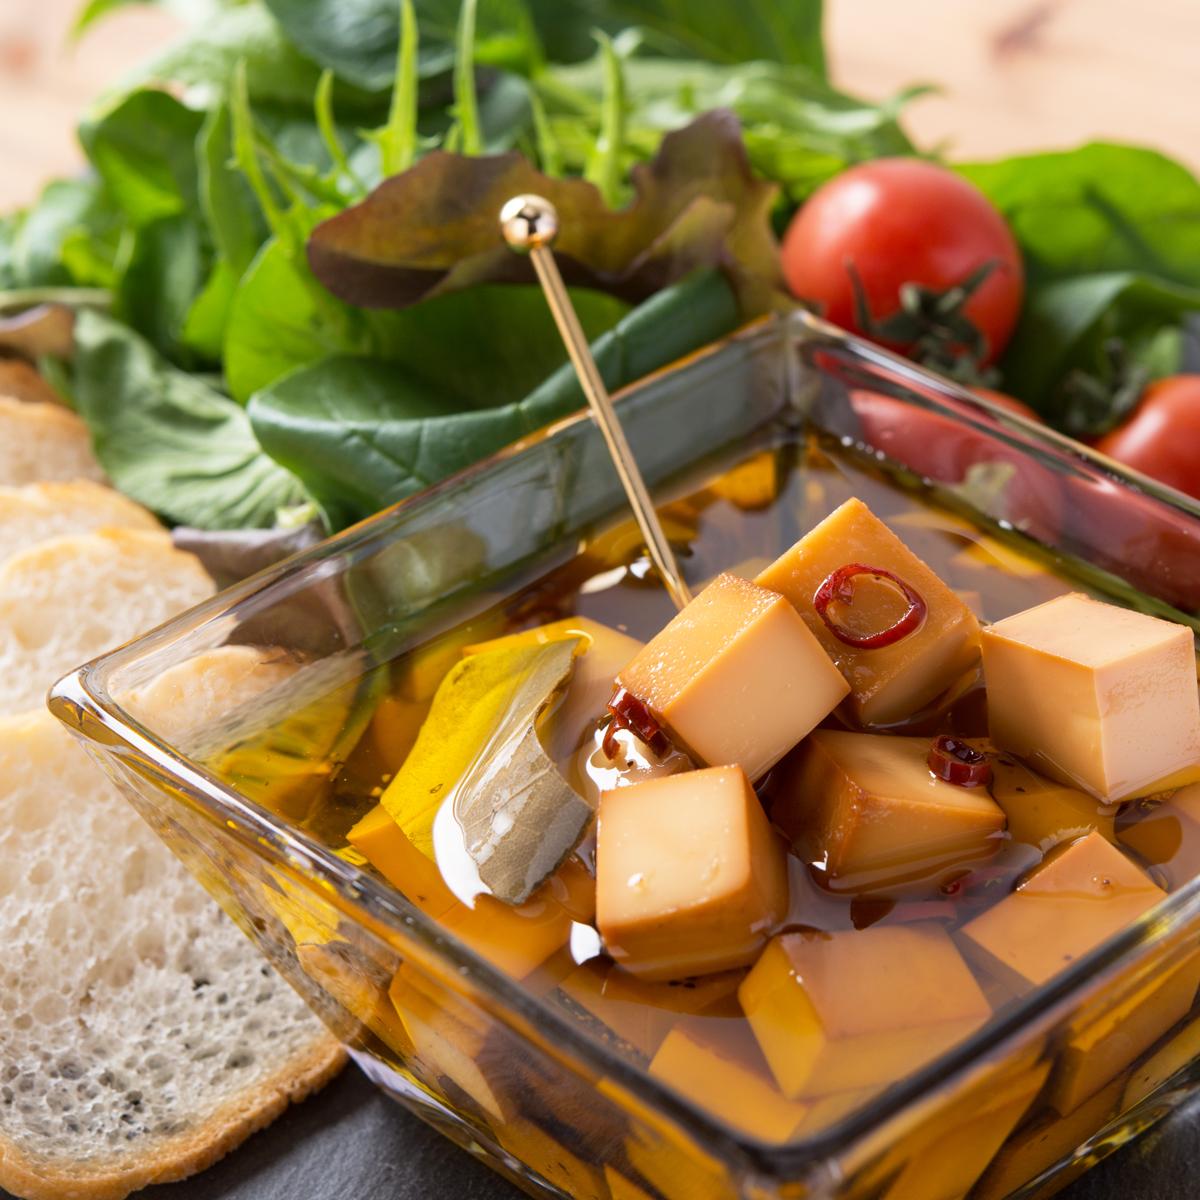 紅葉コーポレーション 静岡特産 魚介の燻製オリーブオイル漬けセット〔しらす燻・あさり燻・チーズくん〕